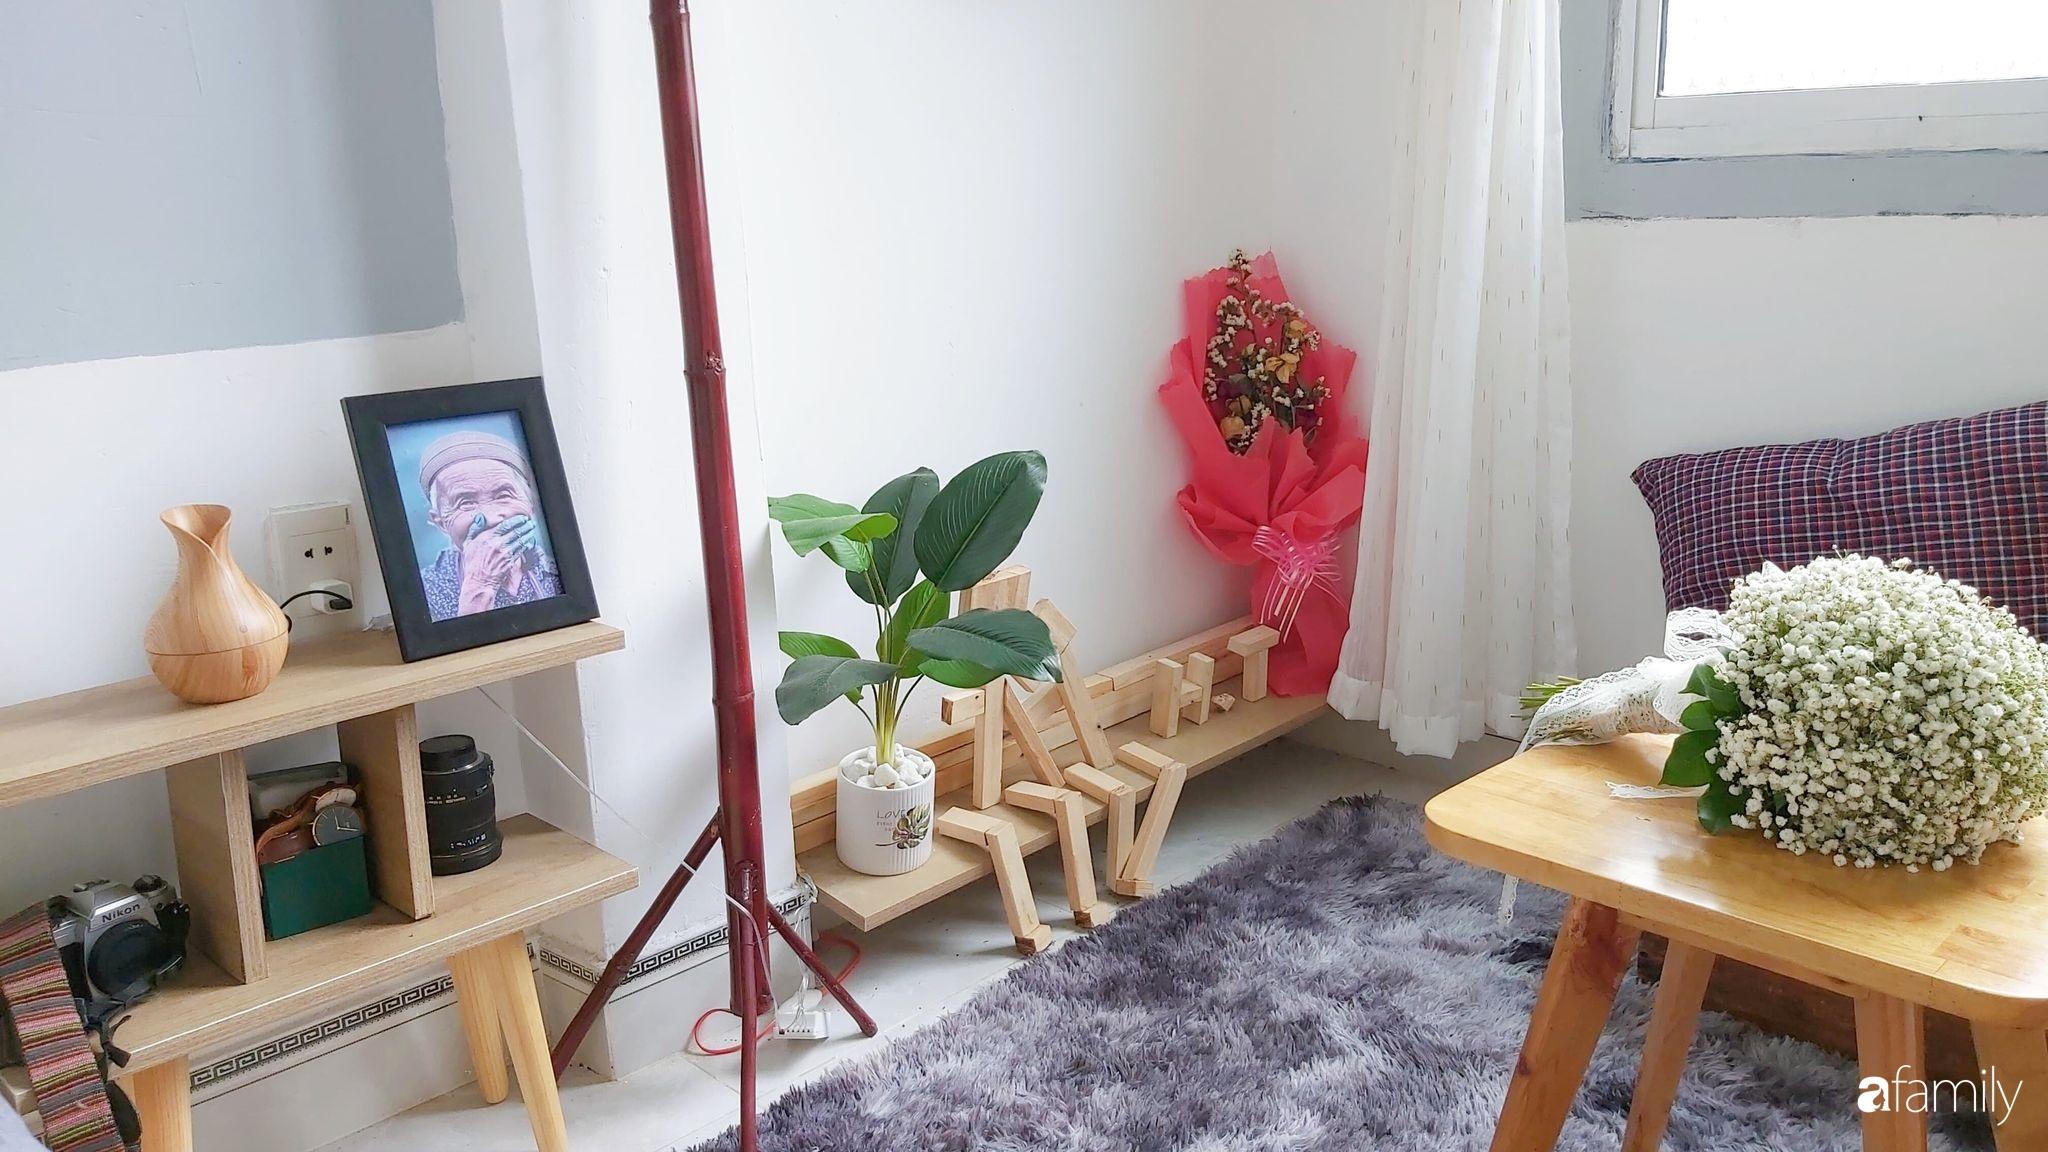 Chàng trai Đà Nẵng biến căn phòng độc thân thành không gian đẹp lãng mạn dành tặng vợ mới cưới có chi phí cải tạo 10 triệu đồng - Ảnh 10.